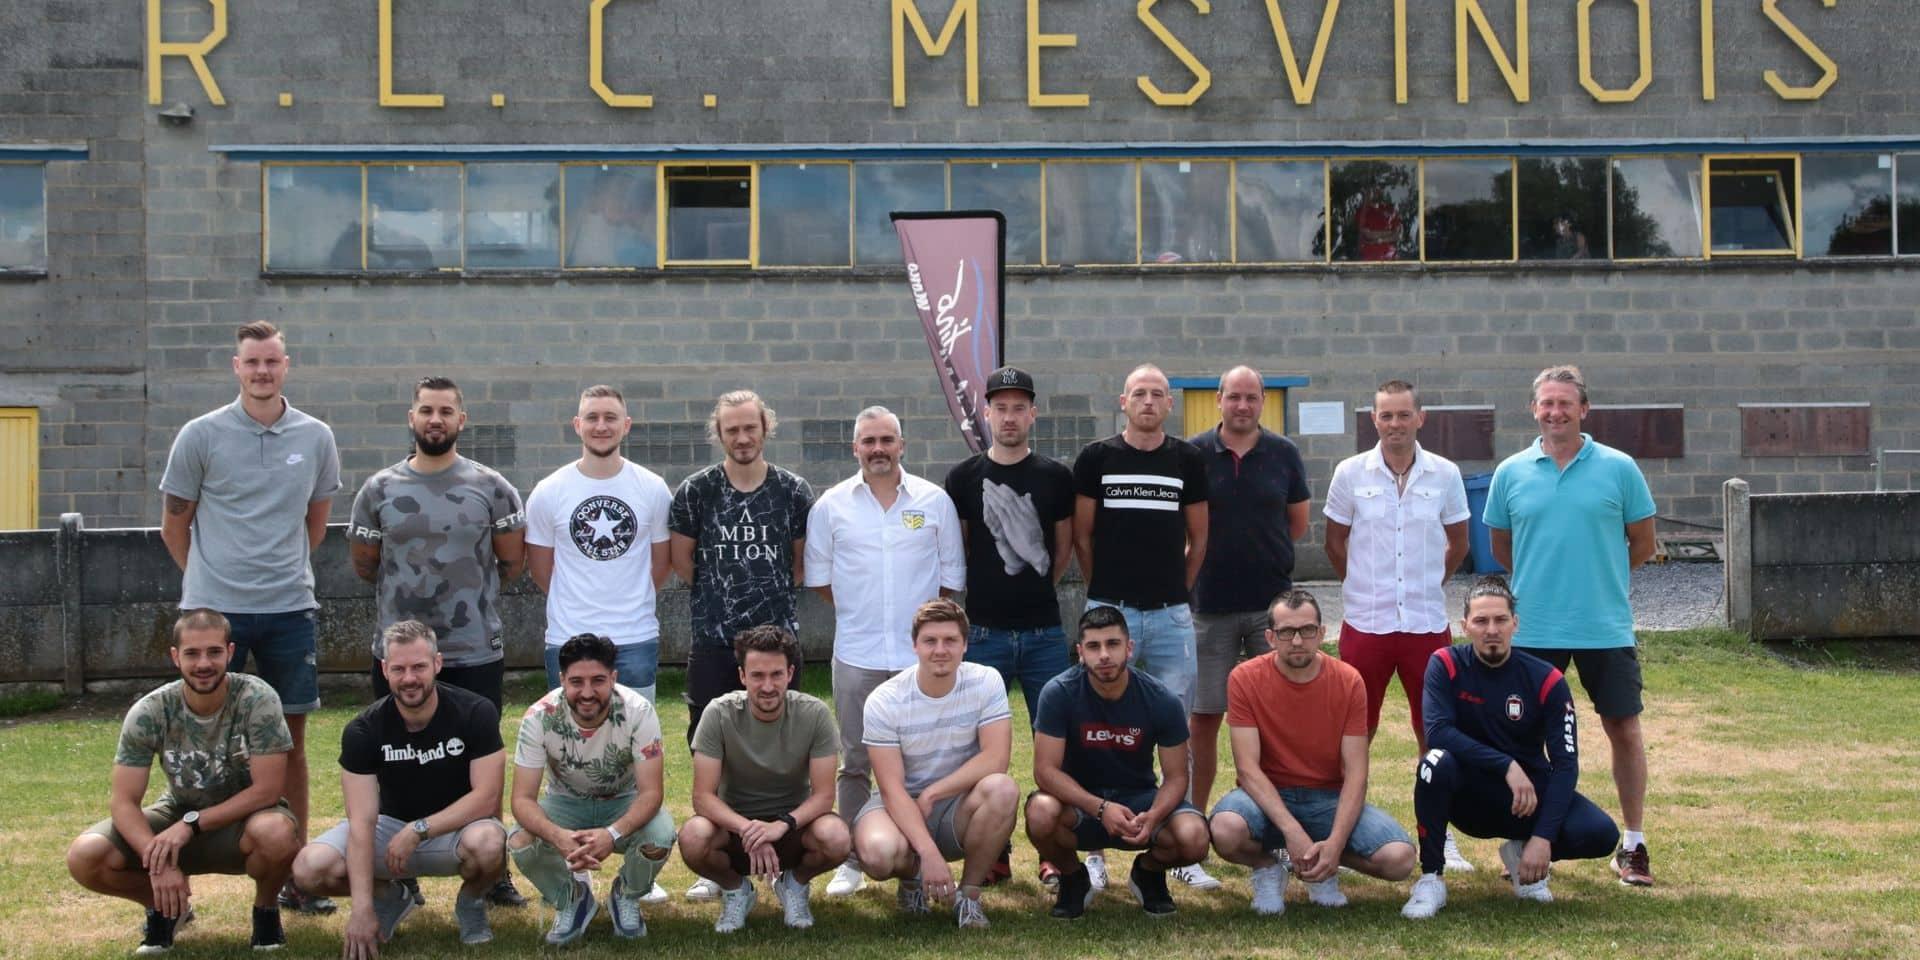 Le RLC Mesvin a lancé sa saison avec un nouveau venu: objectif forteresse